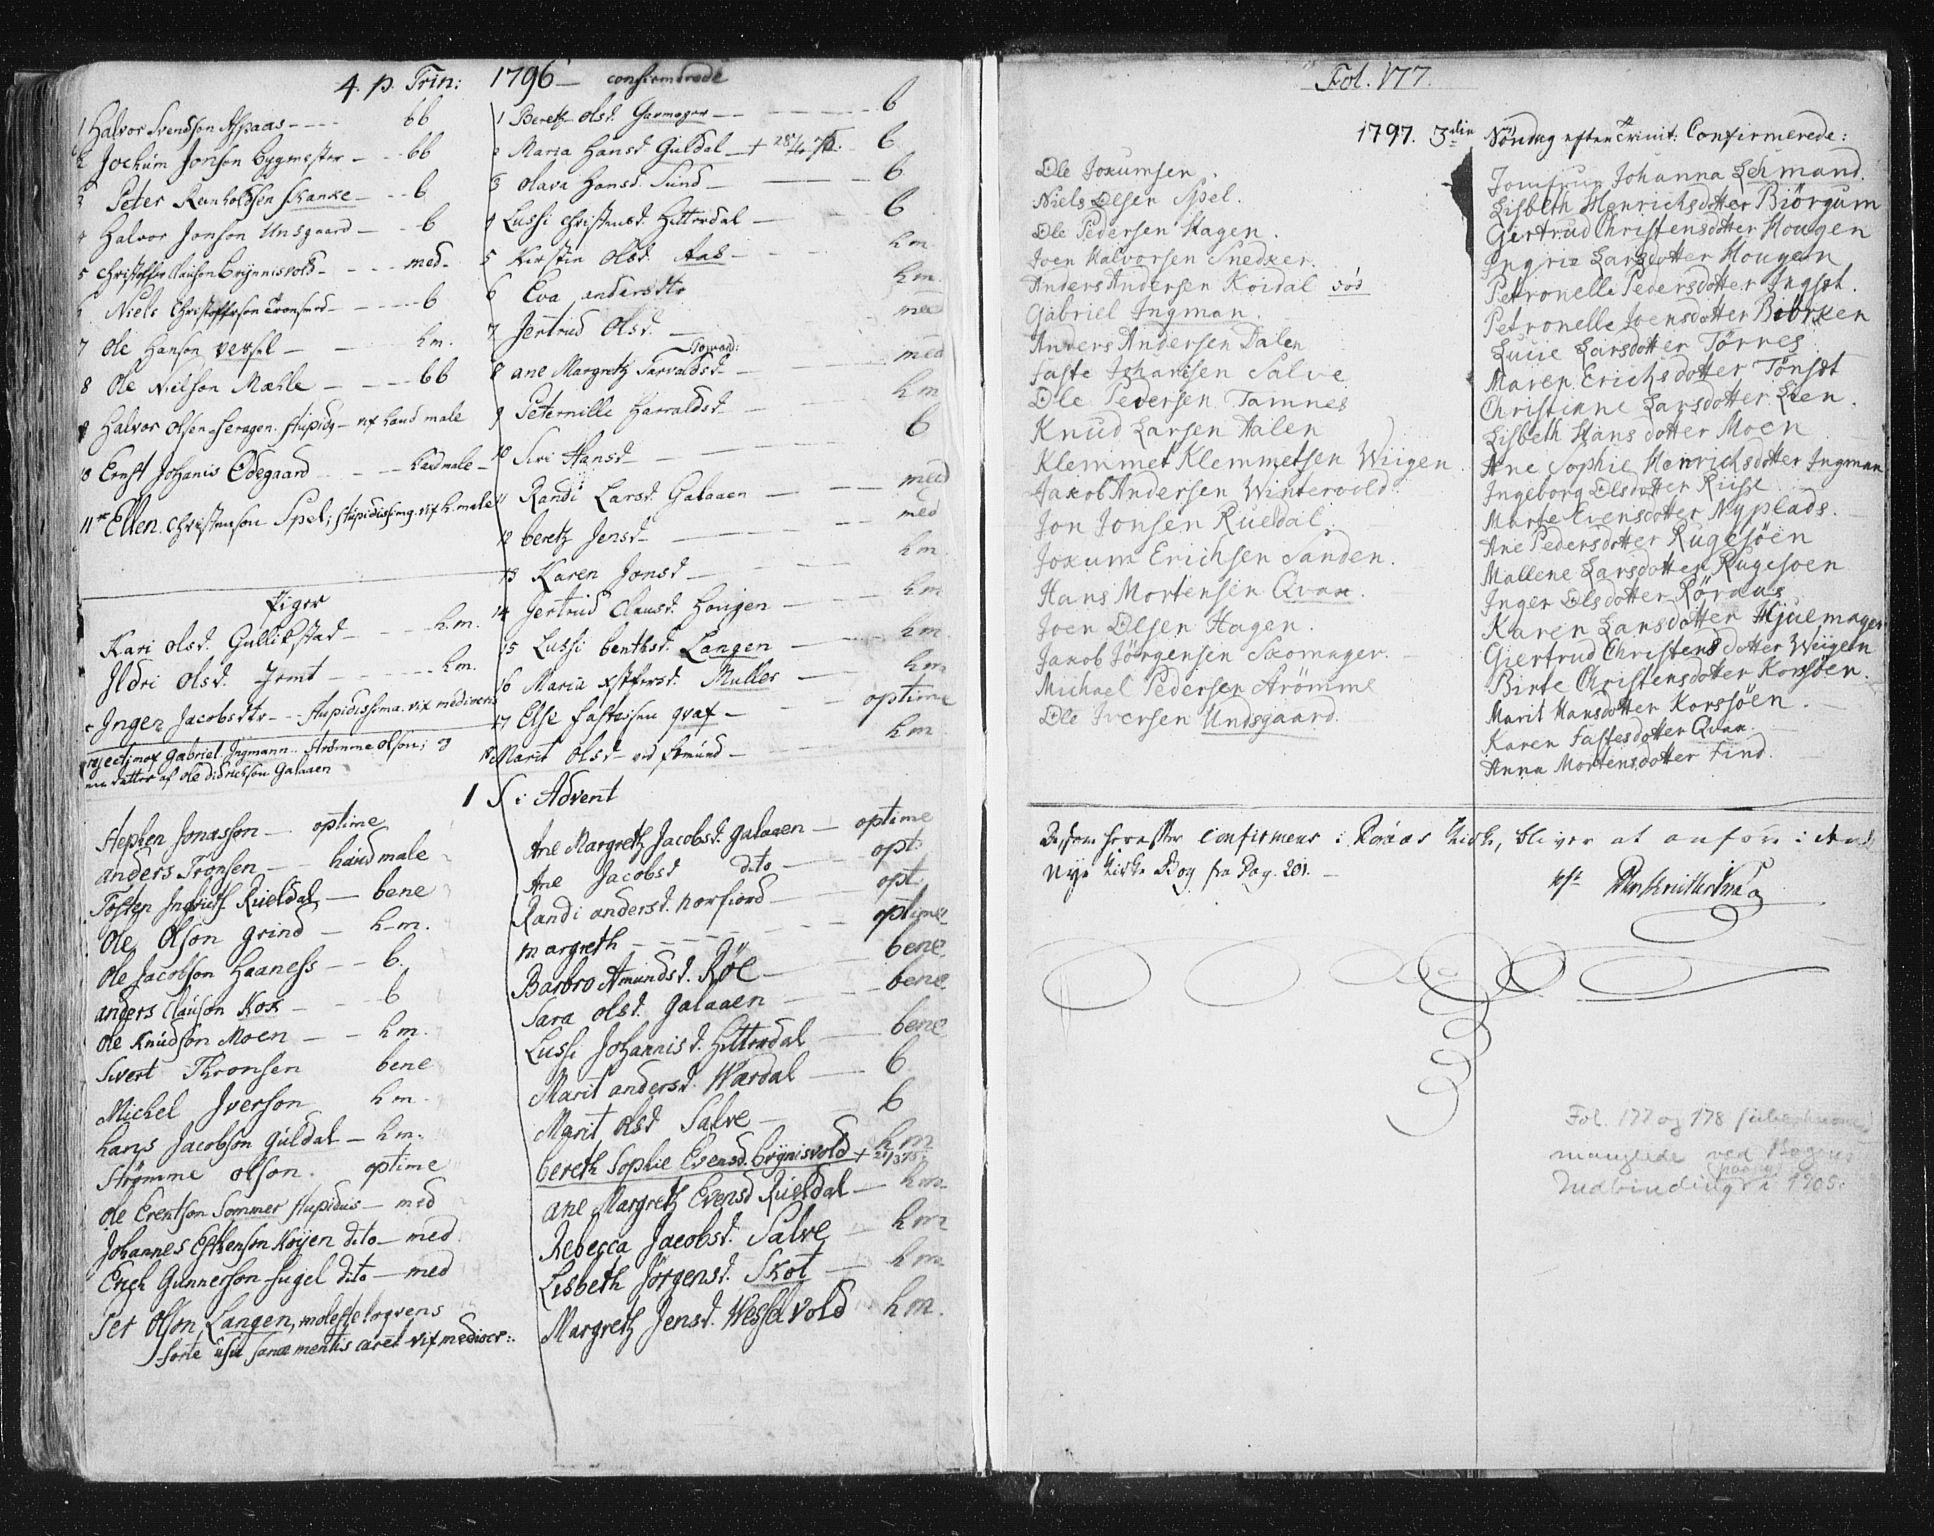 SAT, Ministerialprotokoller, klokkerbøker og fødselsregistre - Sør-Trøndelag, 681/L0926: Ministerialbok nr. 681A04, 1767-1797, s. 177